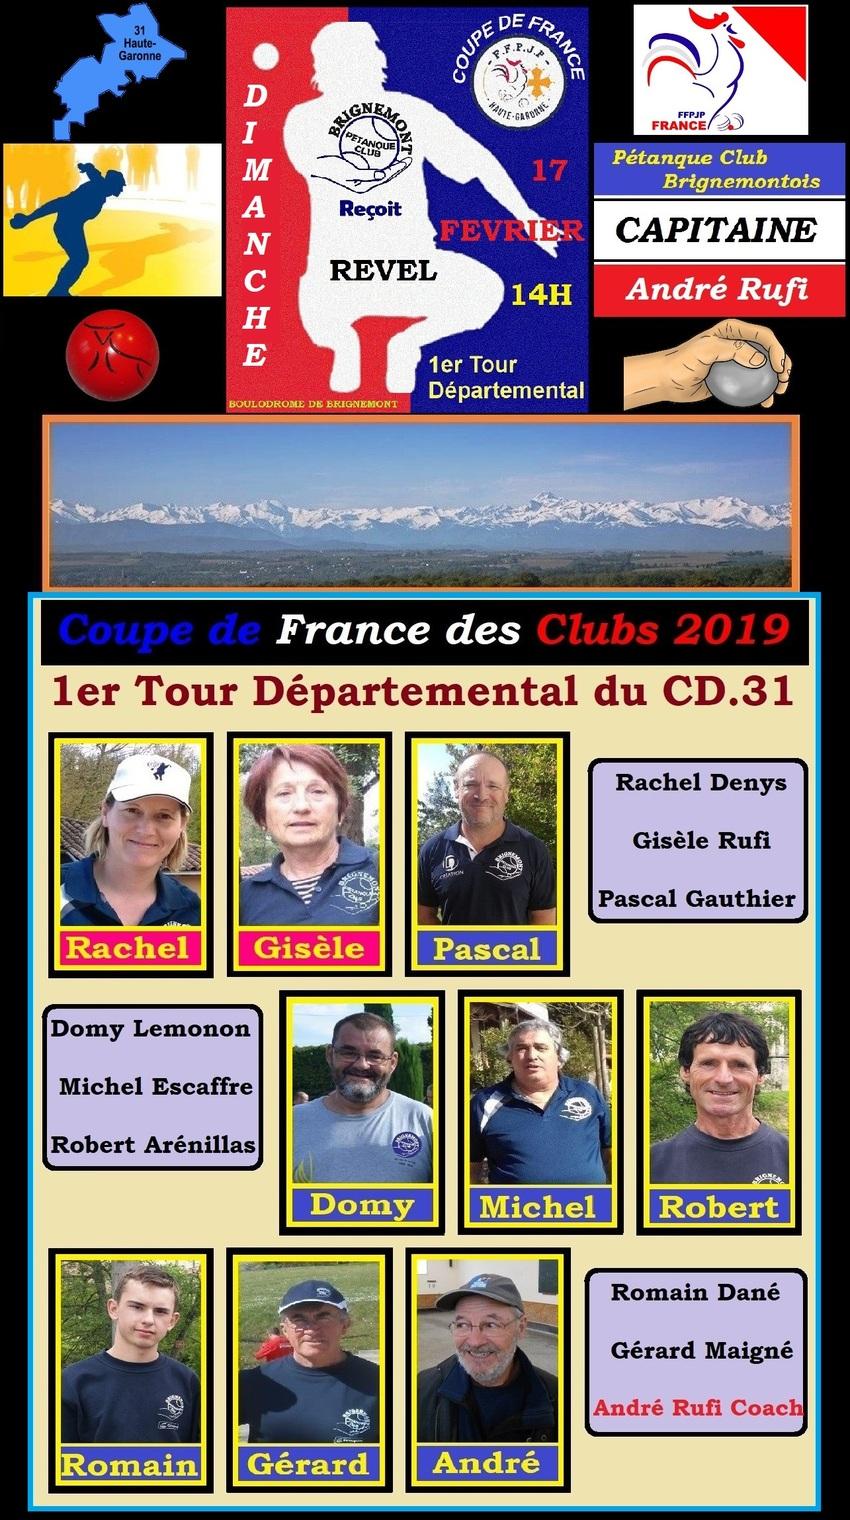 1er Tour Départemental du CD.31